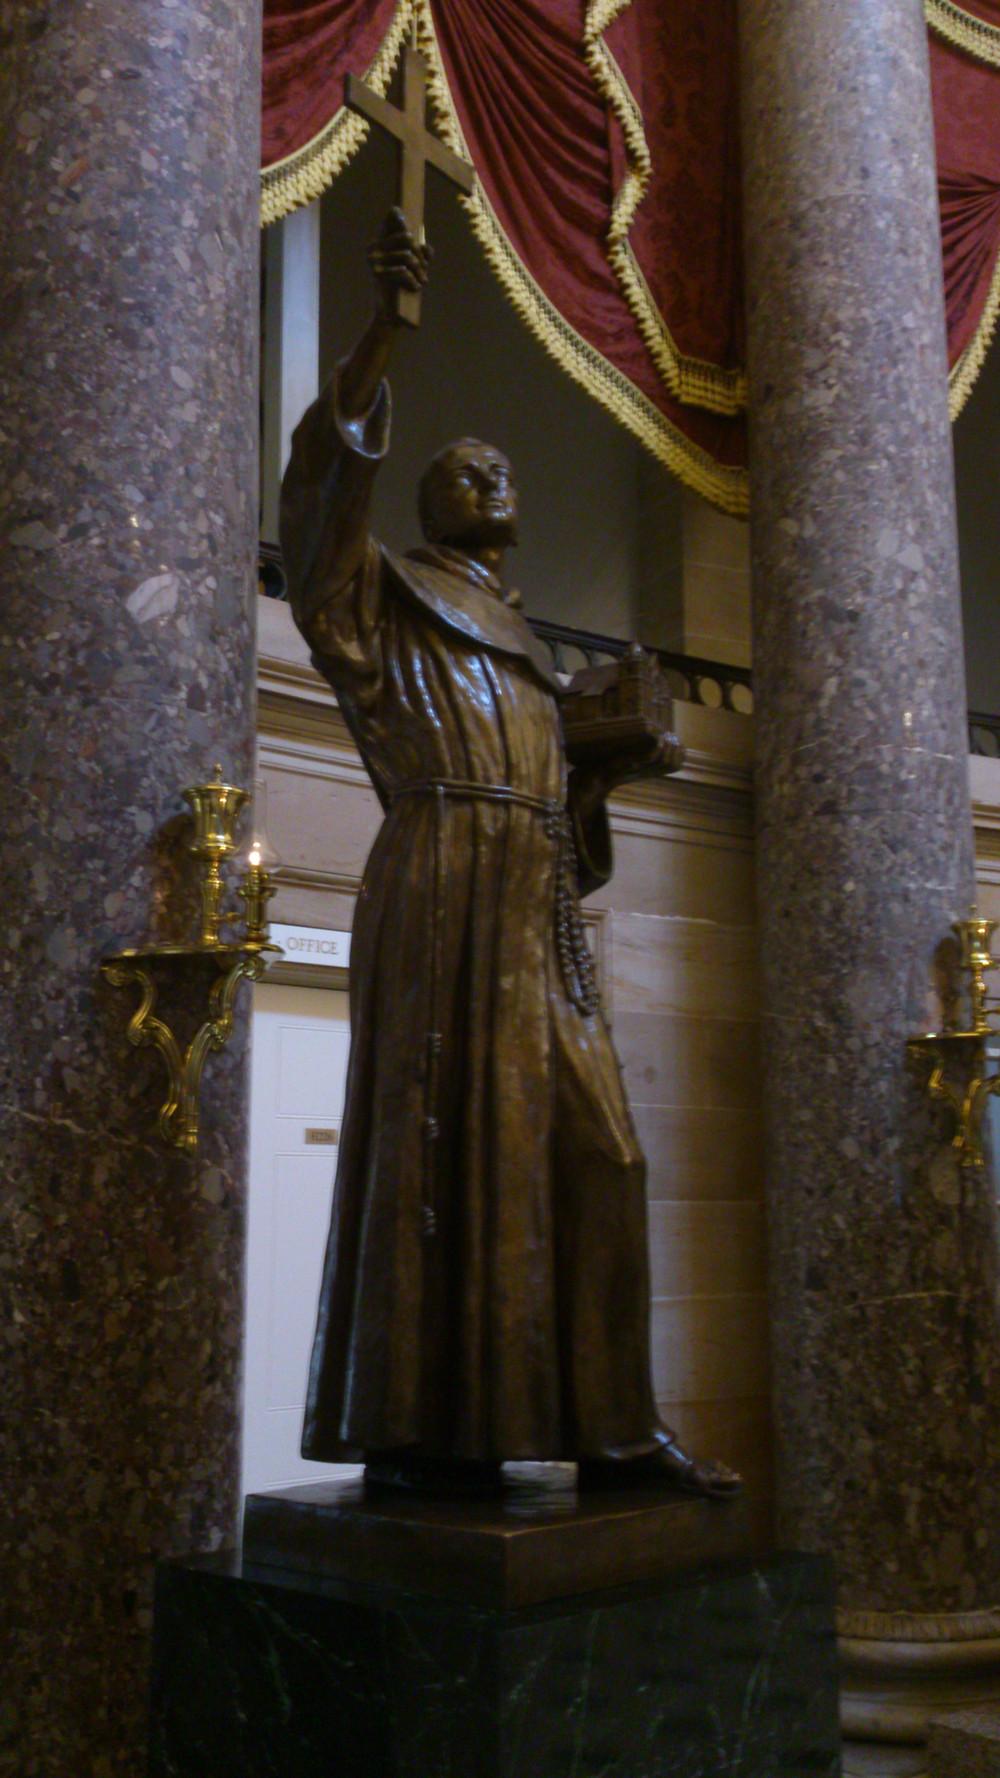 Foto de José María Callejas Berdonés. Congreso de los Estados Unidos. Diciembre de 2013.